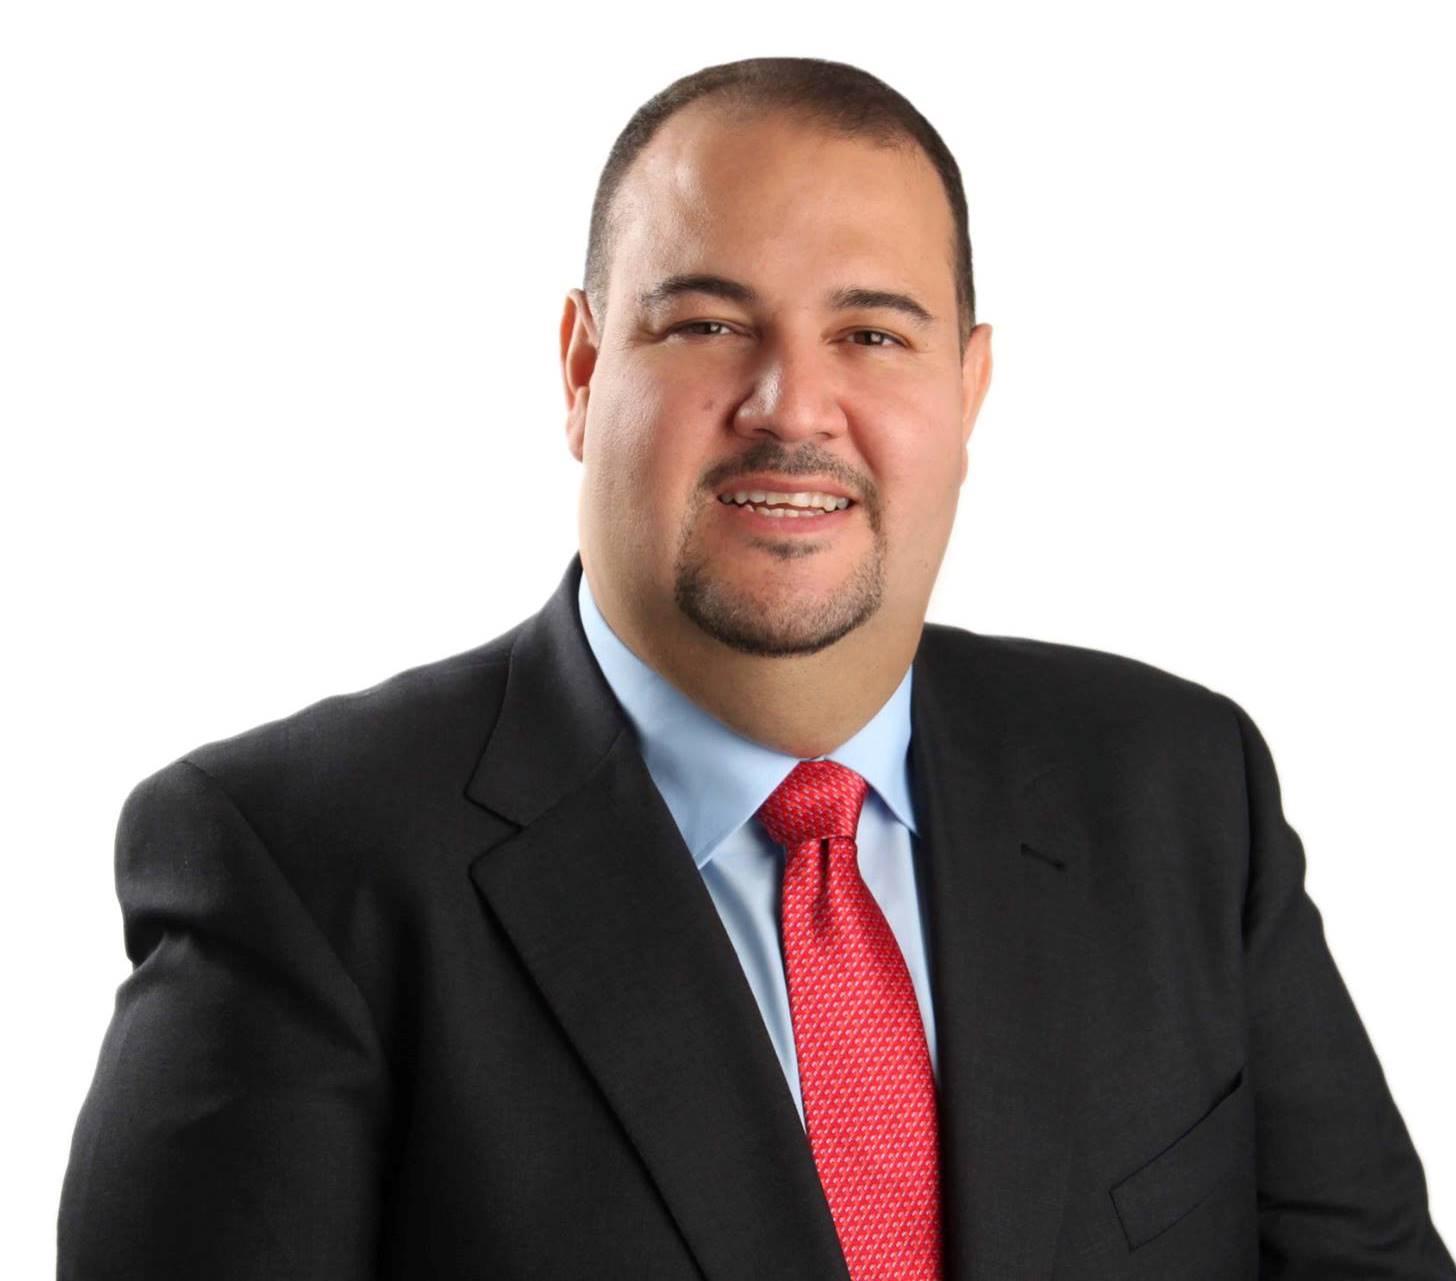 Dirigente dice diáspora dominicana recibirá más apoyo si gana Abinader